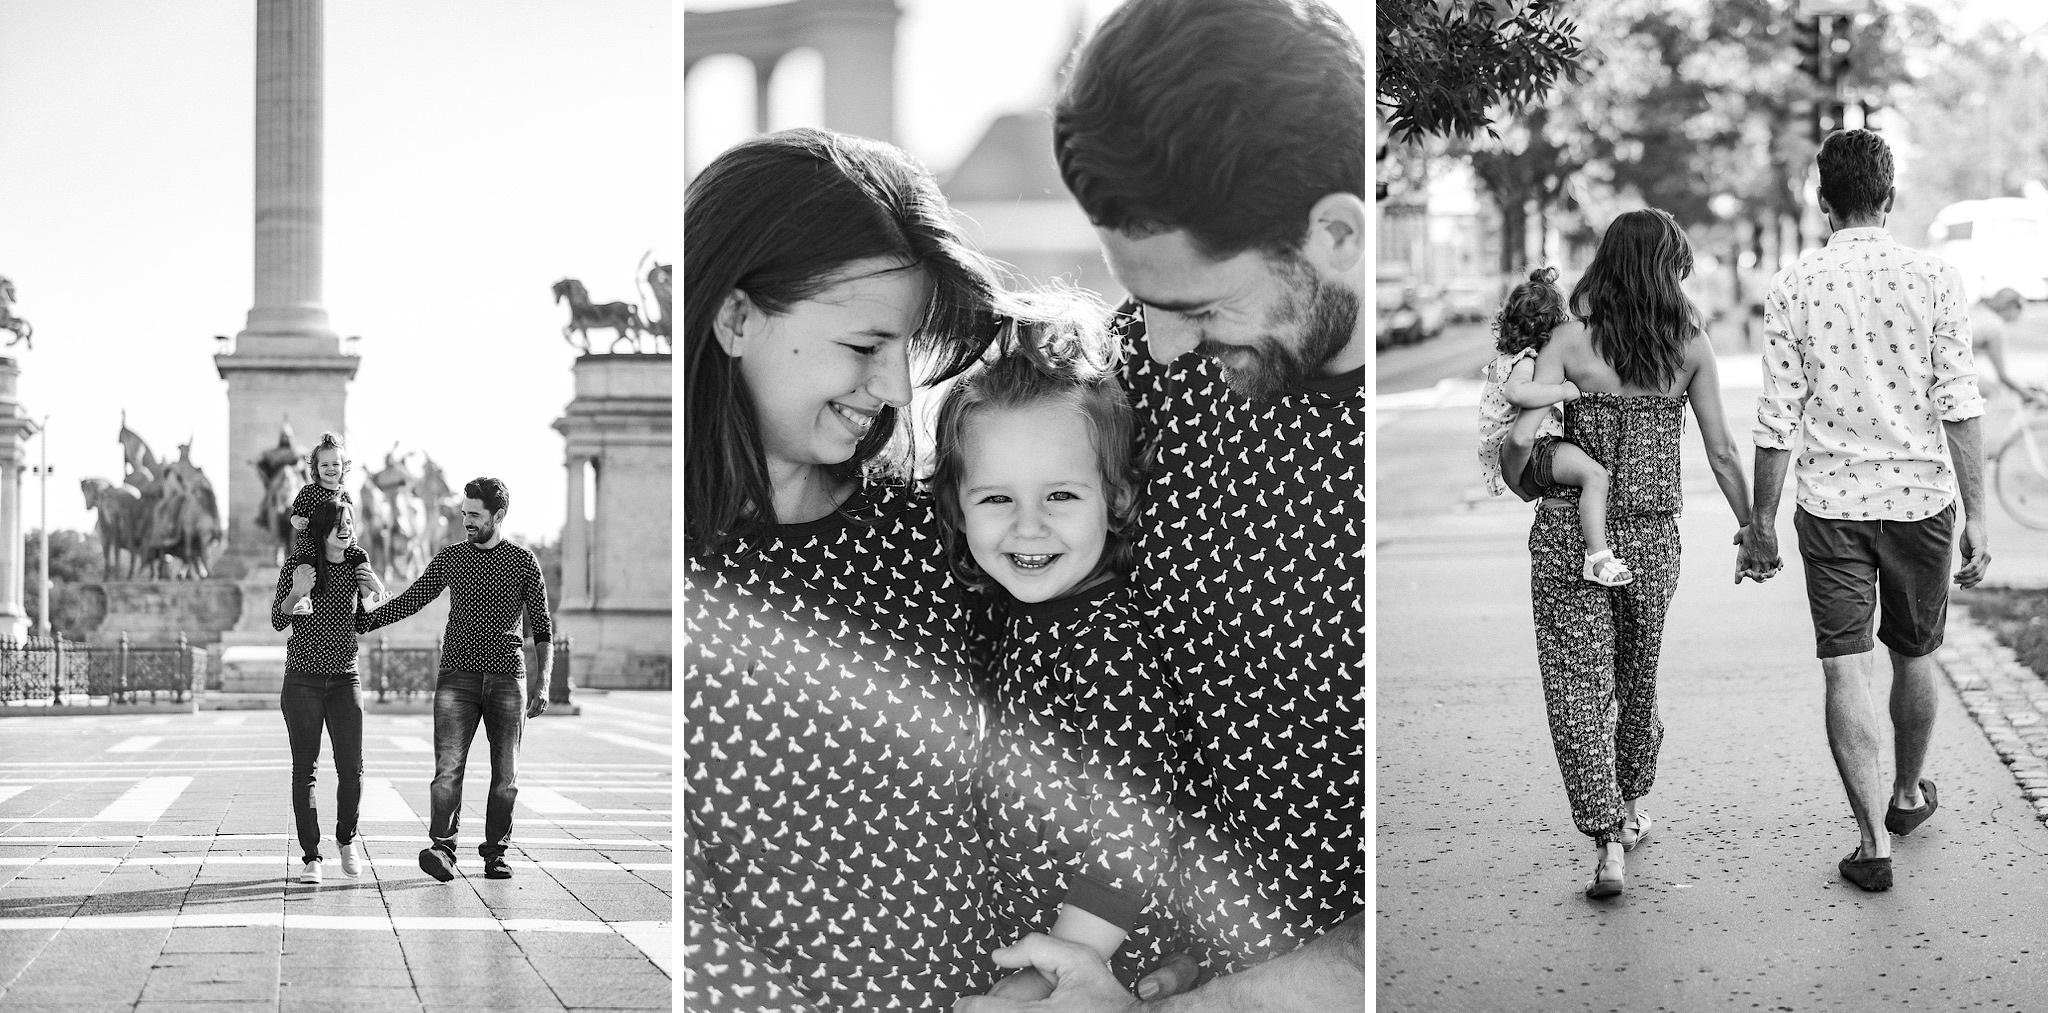 family photos balazs lengyel photographer budapest